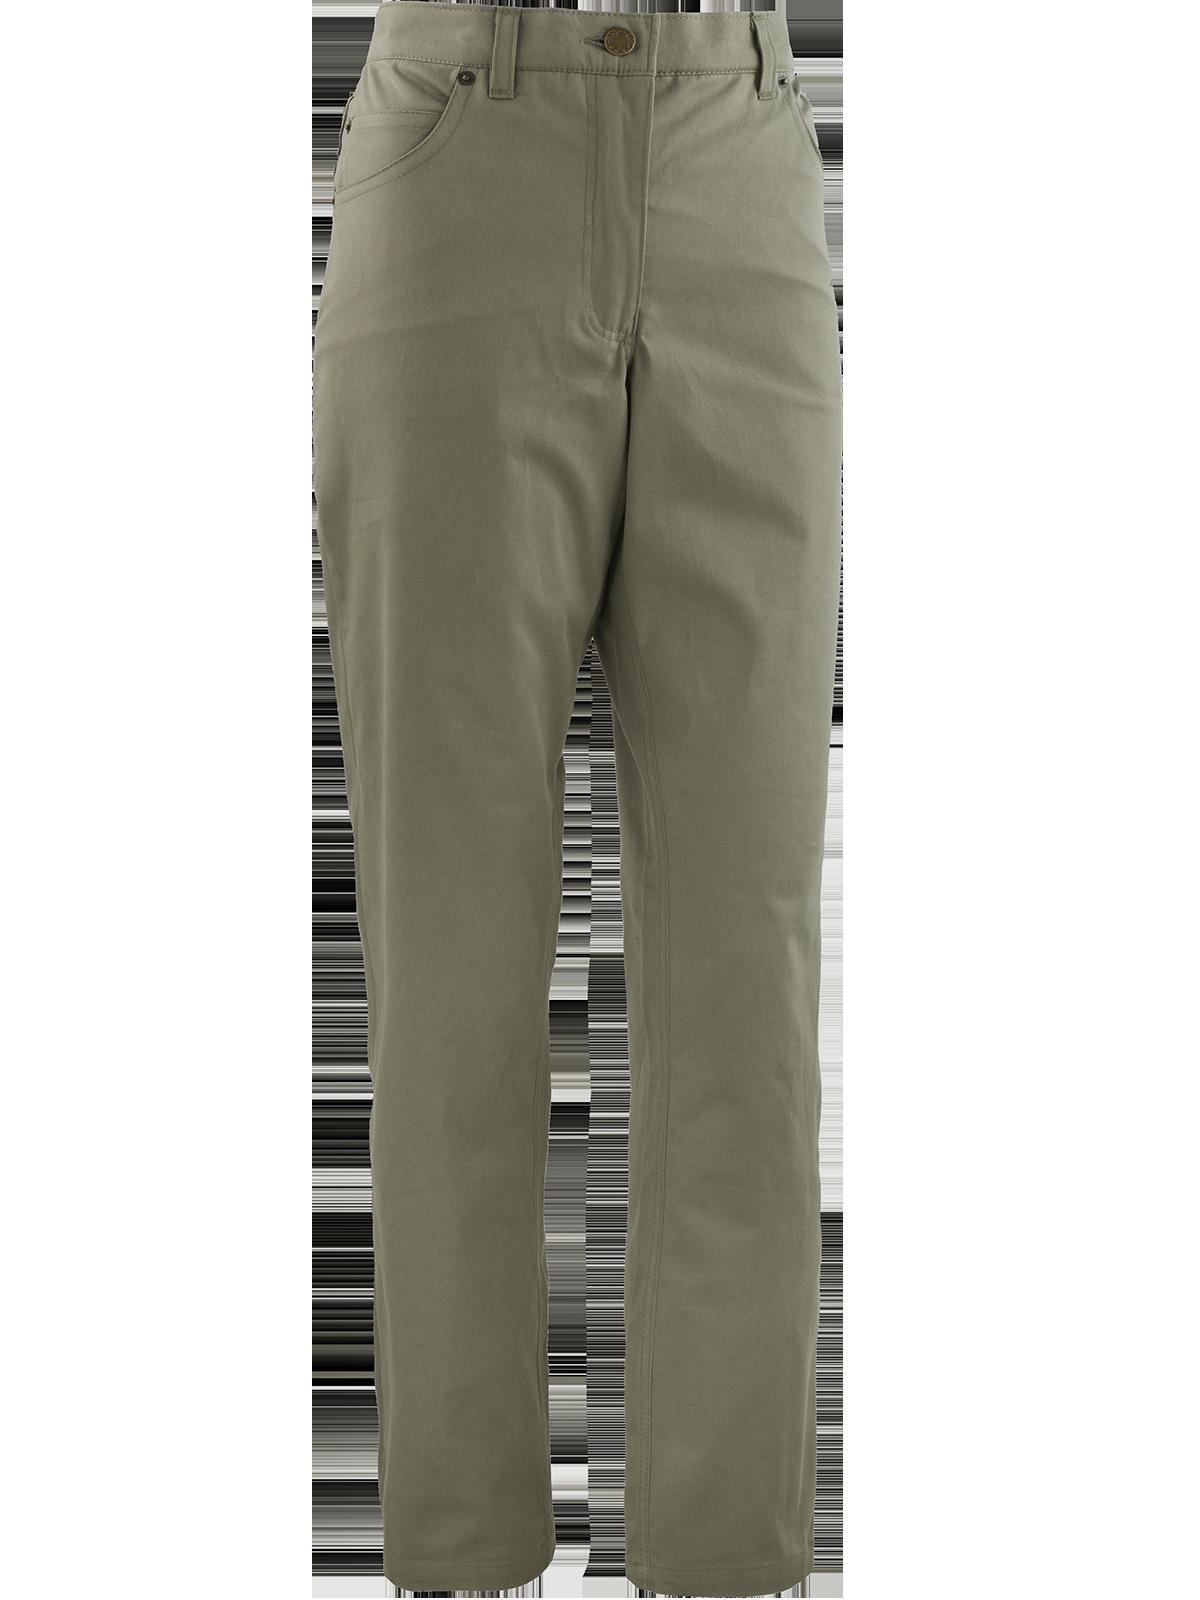 kalhoty TEXAS Elatex dámské khaki  38287a8b8f